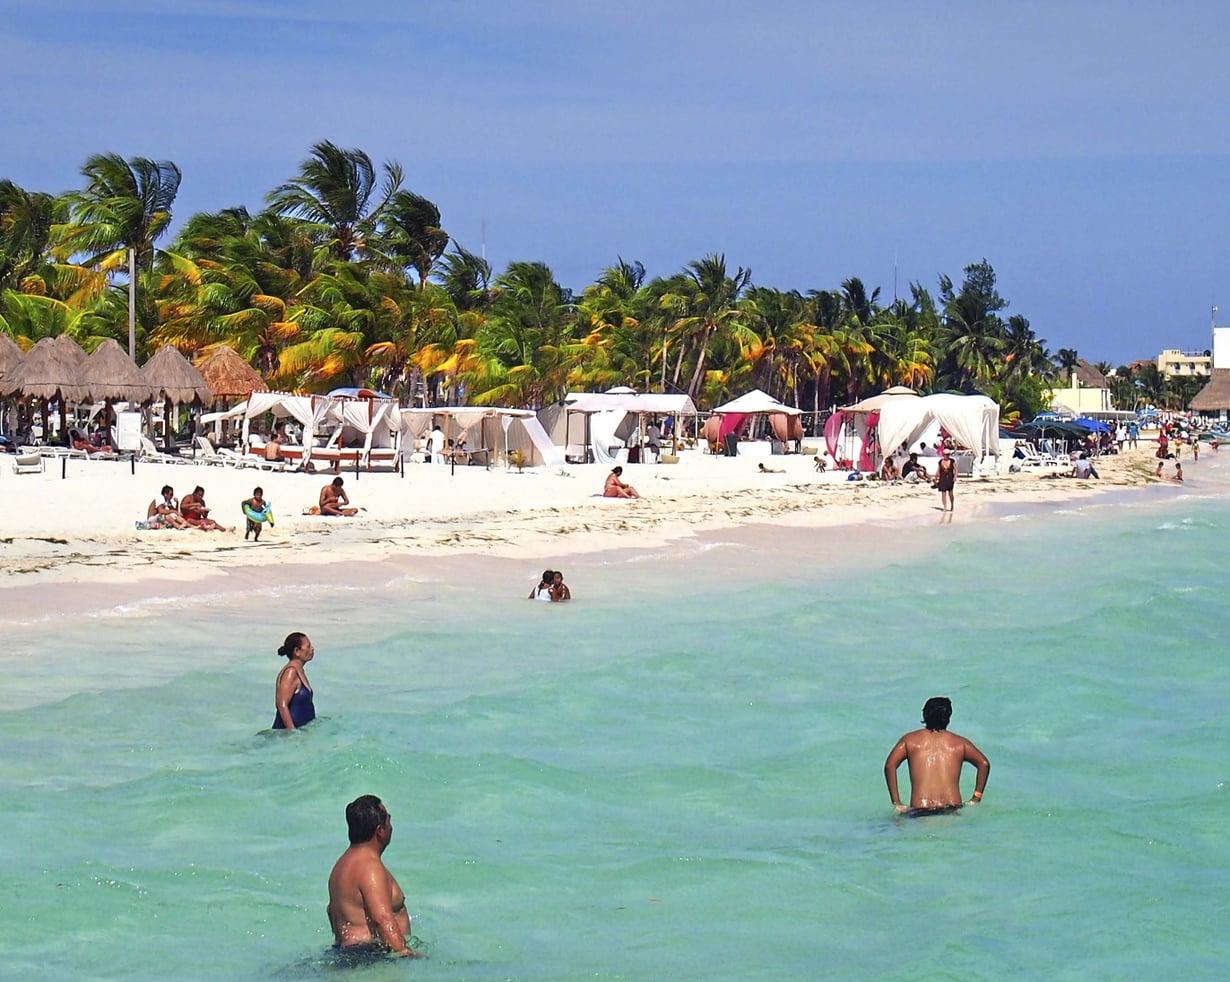 Turkoosi meri ja karibialainen tunnelma ovat Isla Mujeresin saaren valttikortteja.